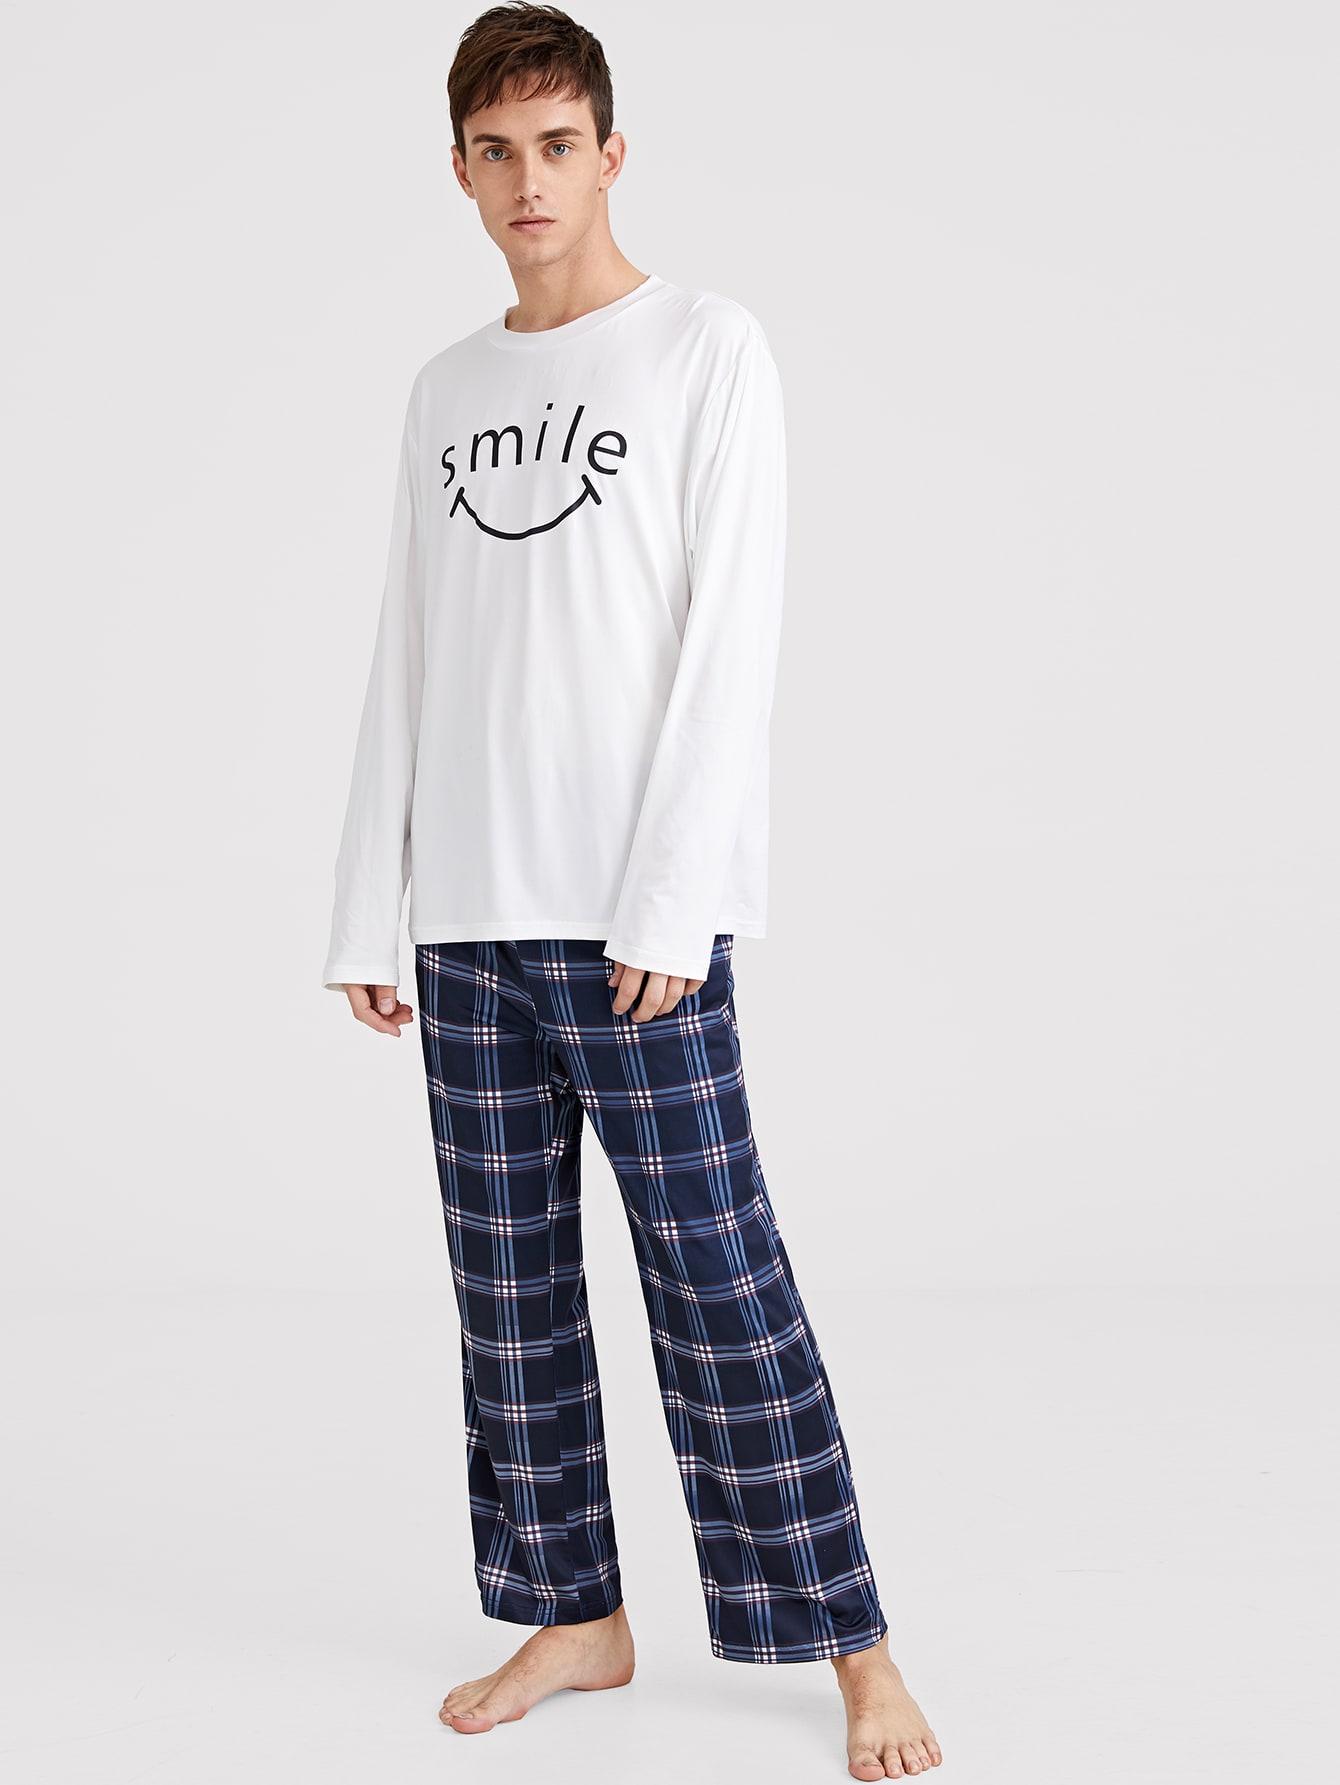 Купить Мужской топ с текстовым принтом и шорты в клетку пижама комплект, Valerian, SheIn